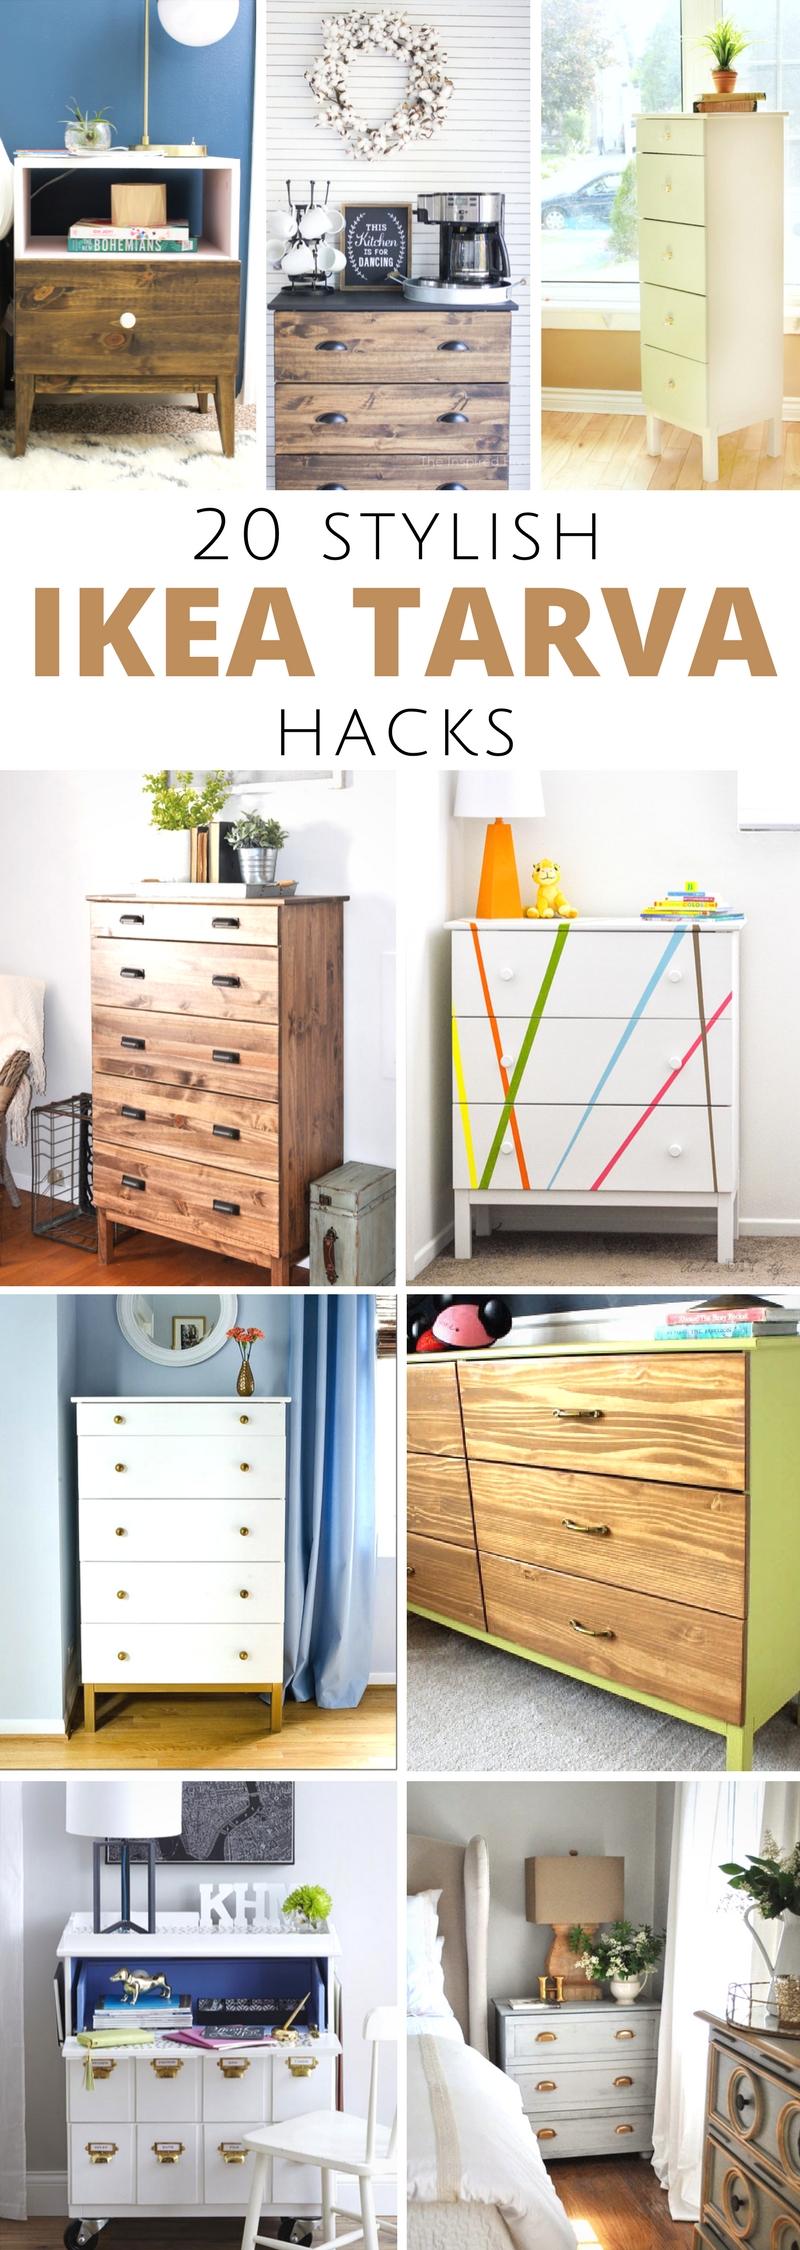 20 Ikea Tarva Hacks